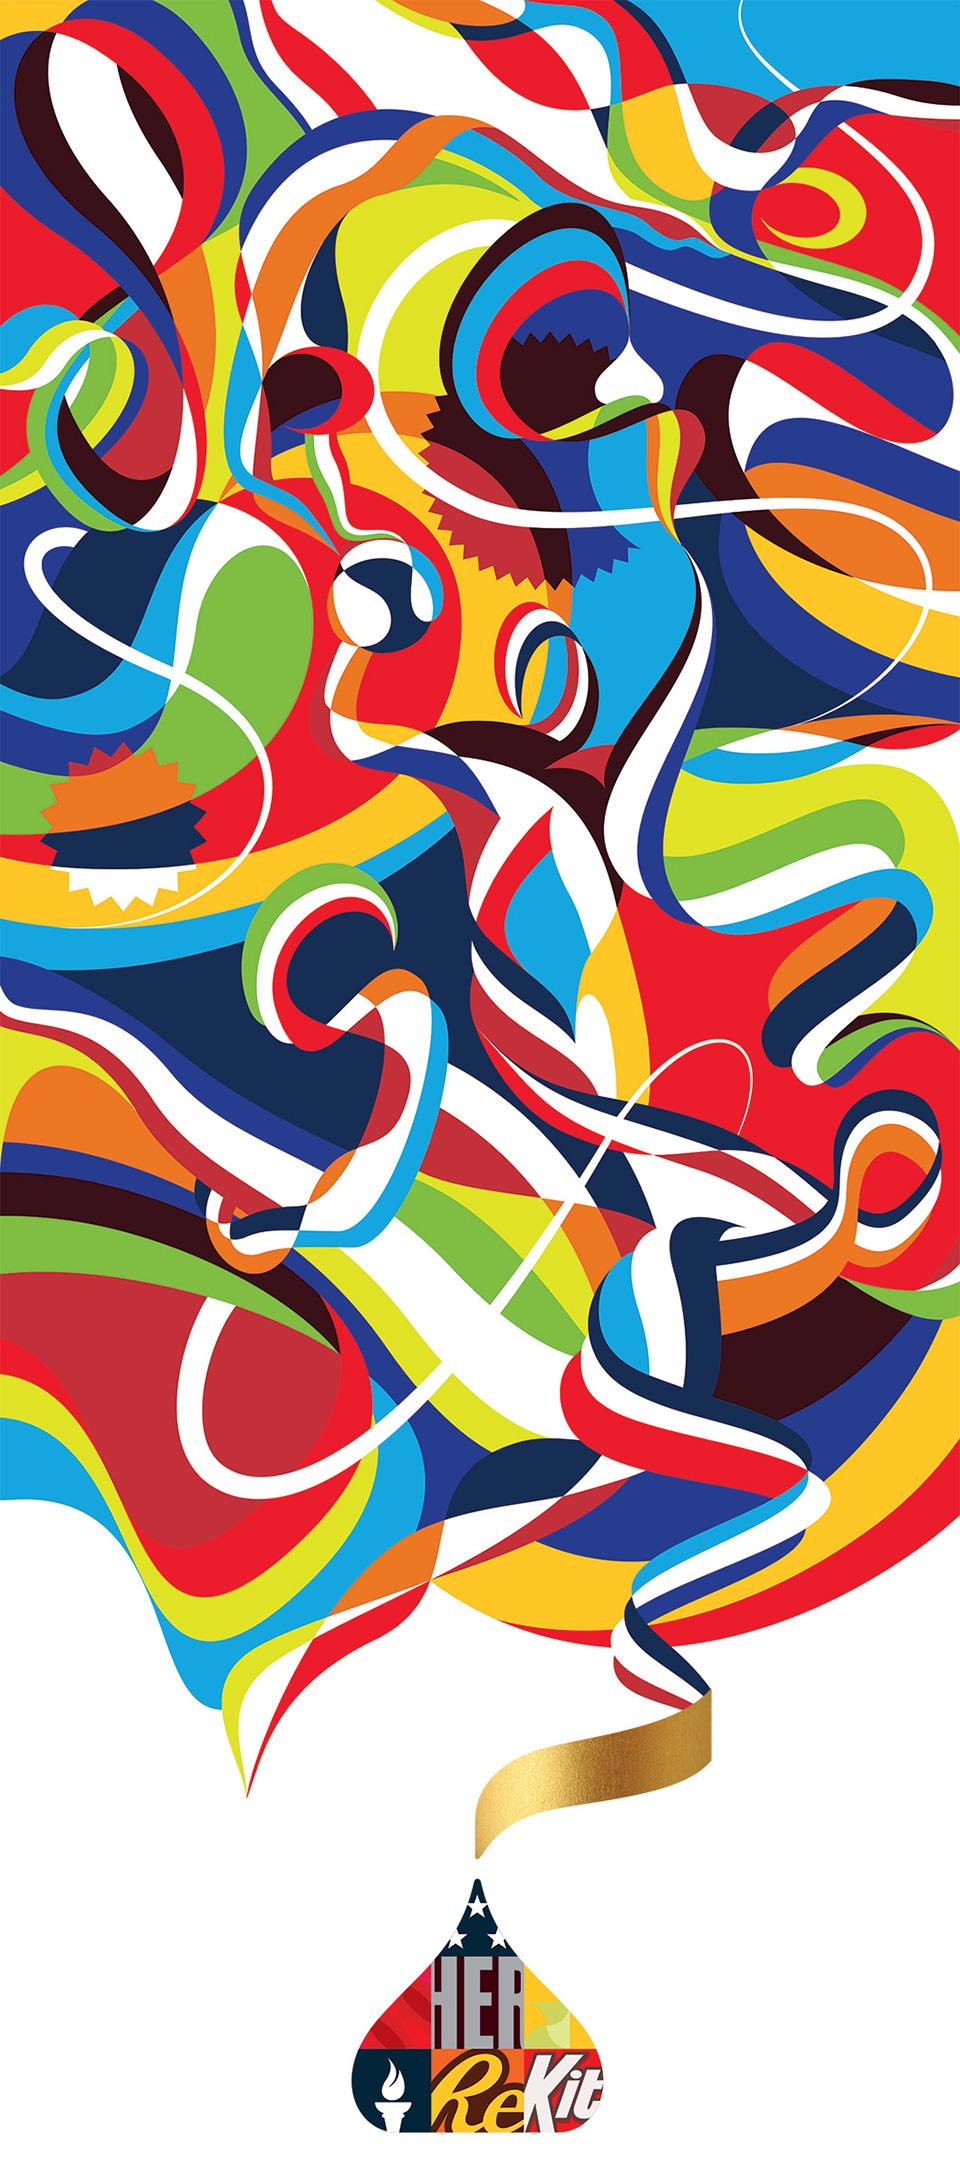 1__matt_w_moore_hershey_2016_olympics_rio.jpg